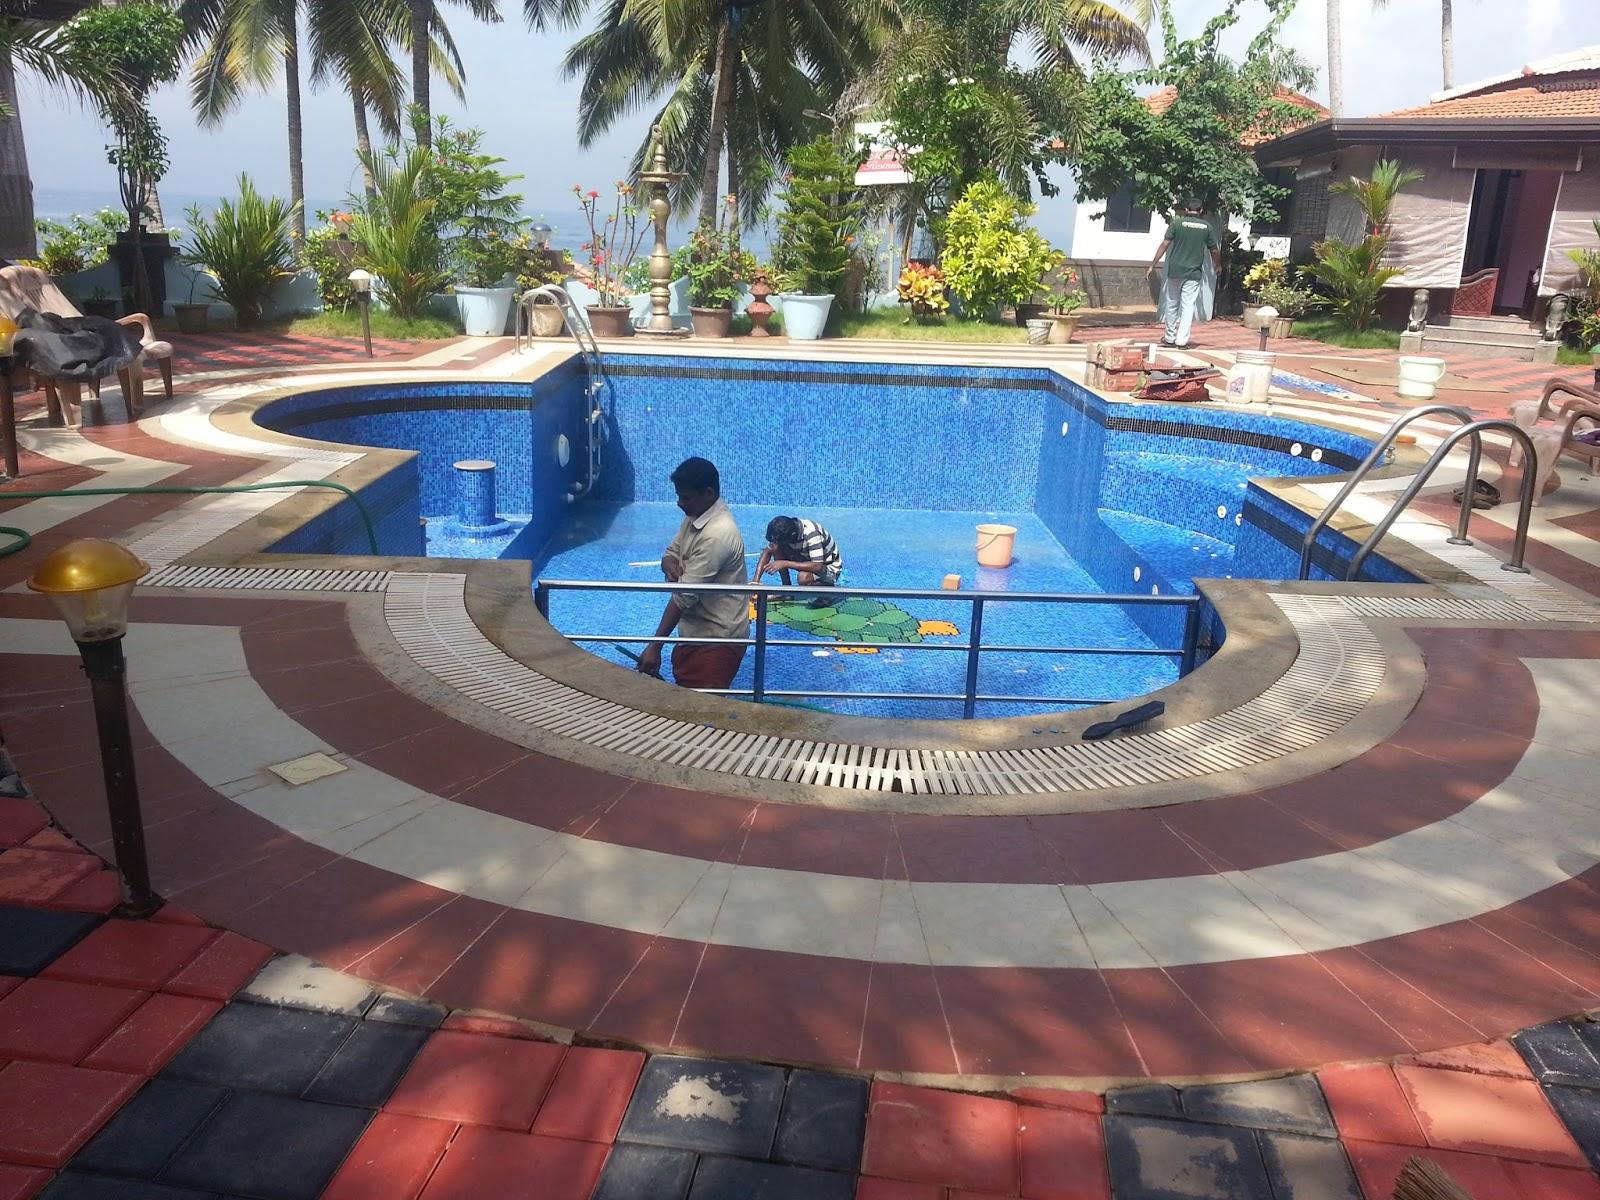 Swimming pools in kerala 2015 for Pool design in kerala